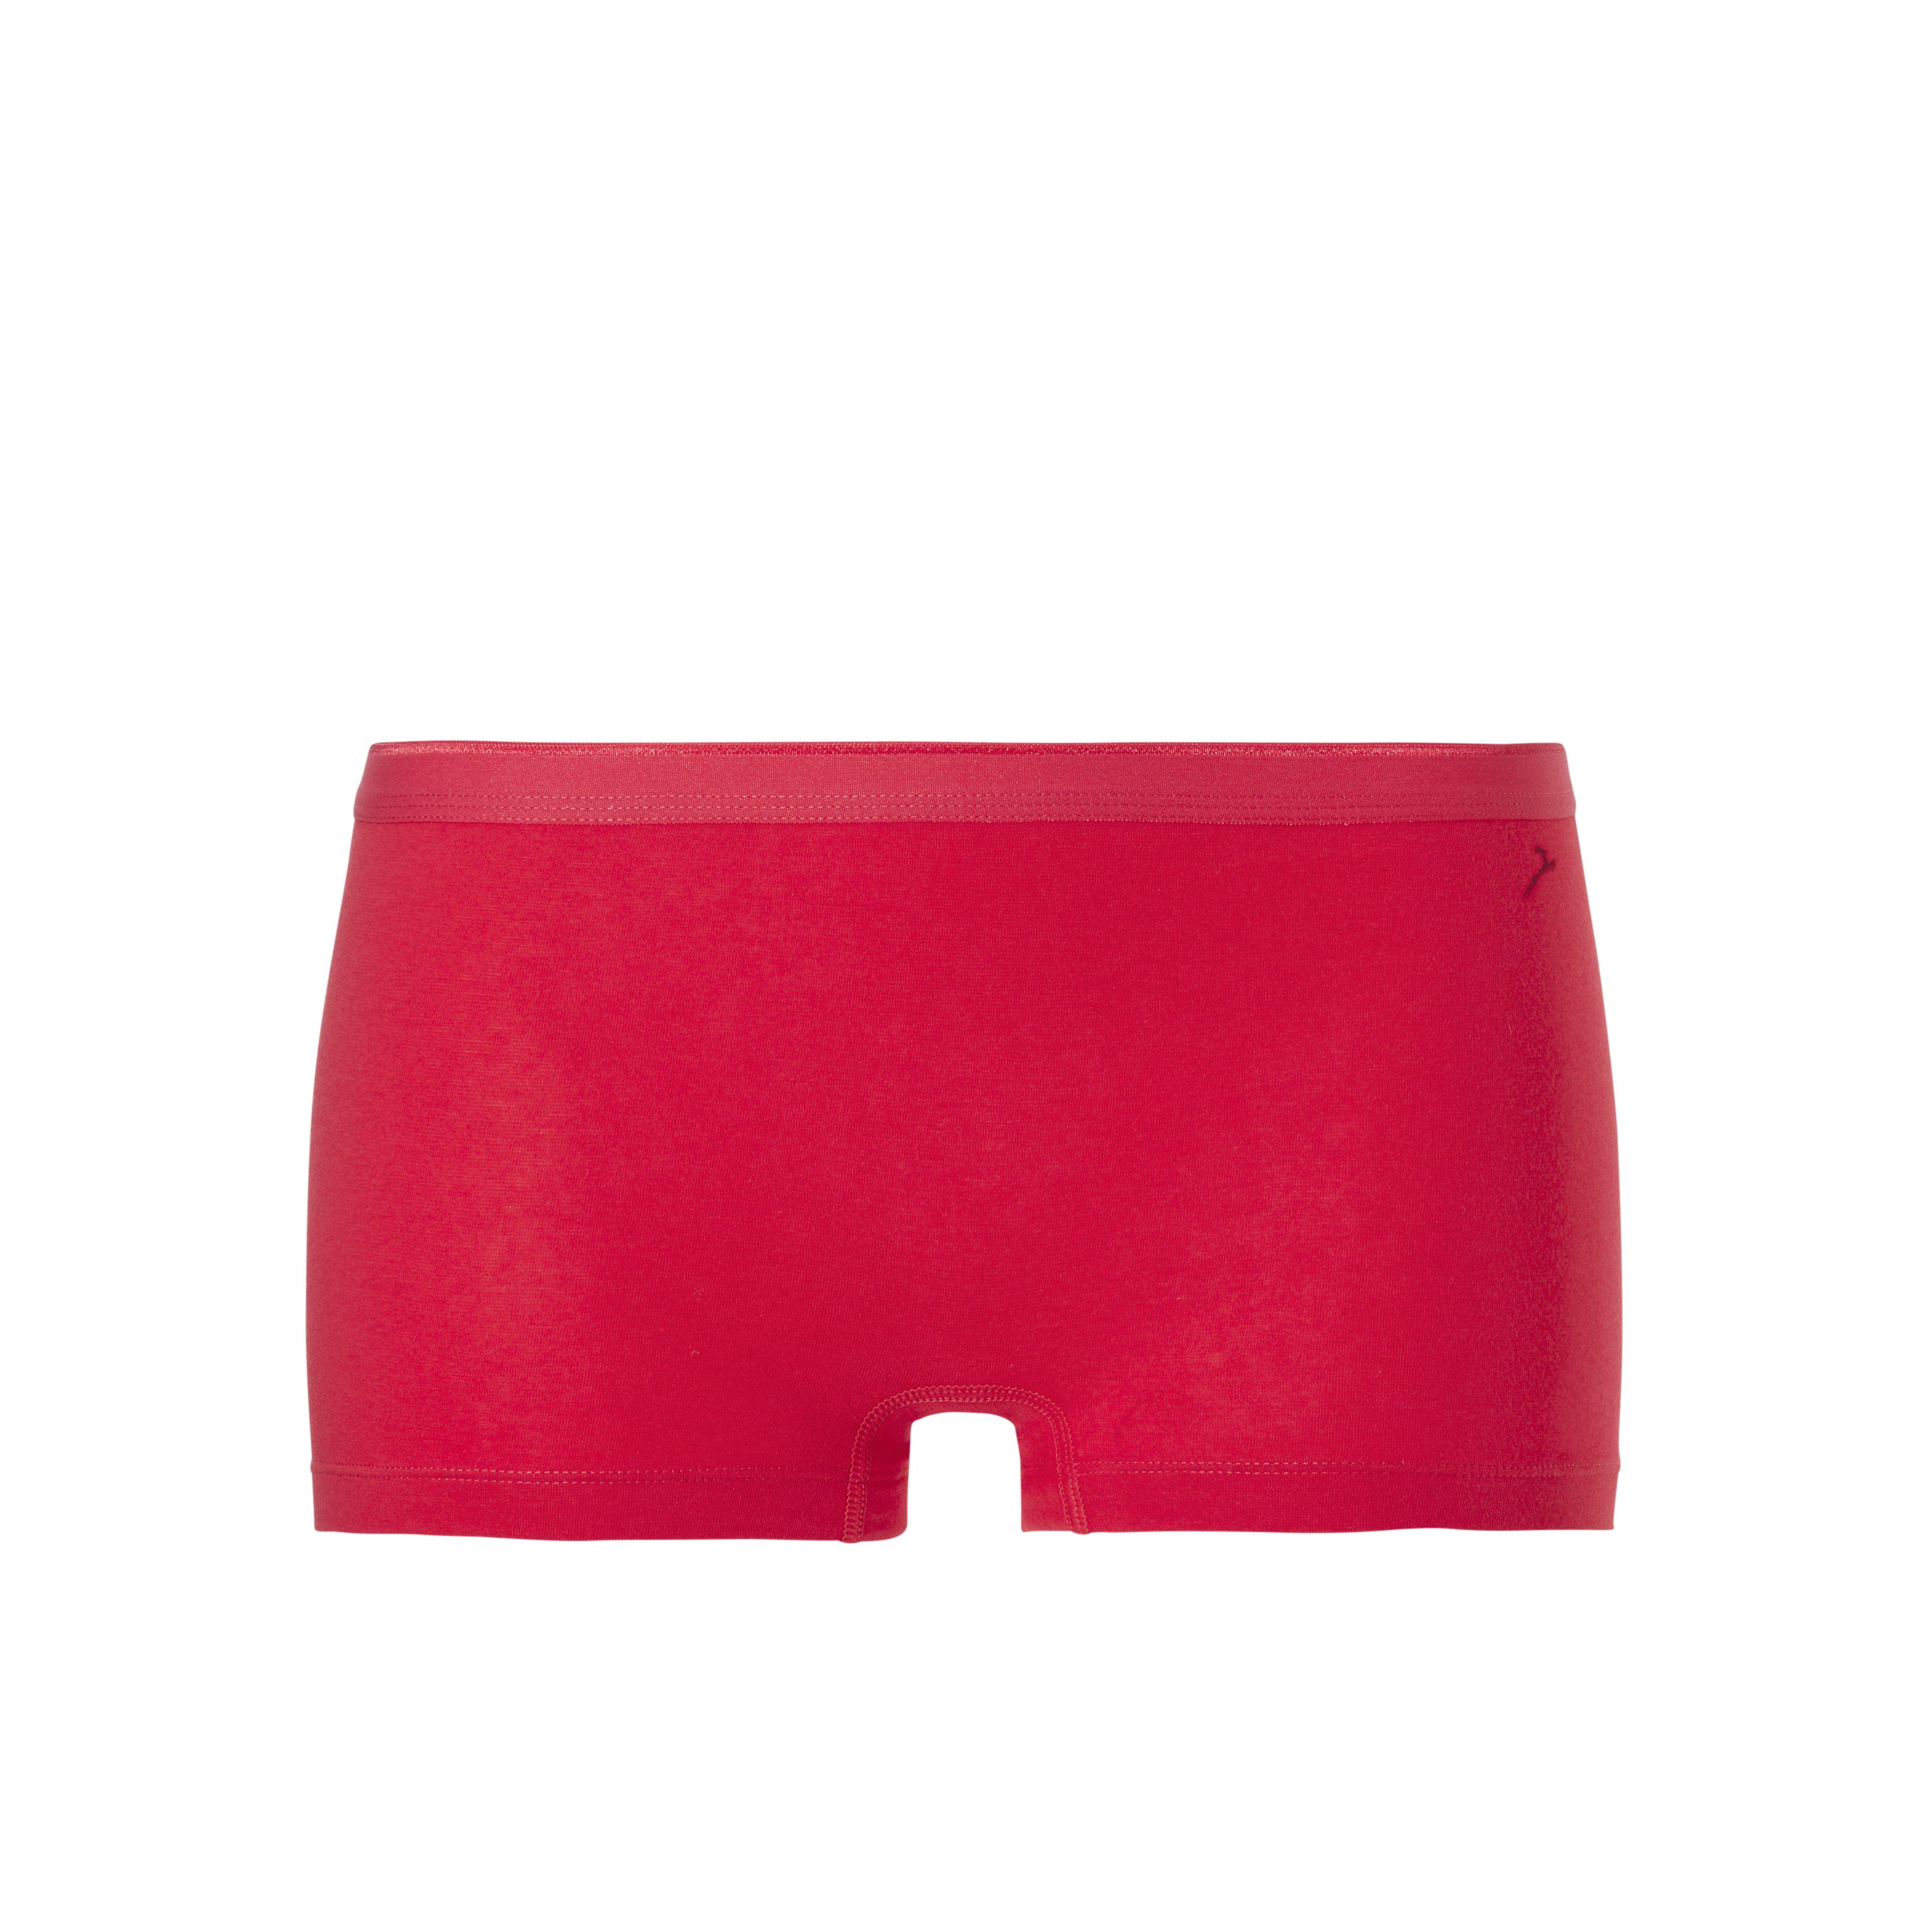 Ten Cate Basic Short Red